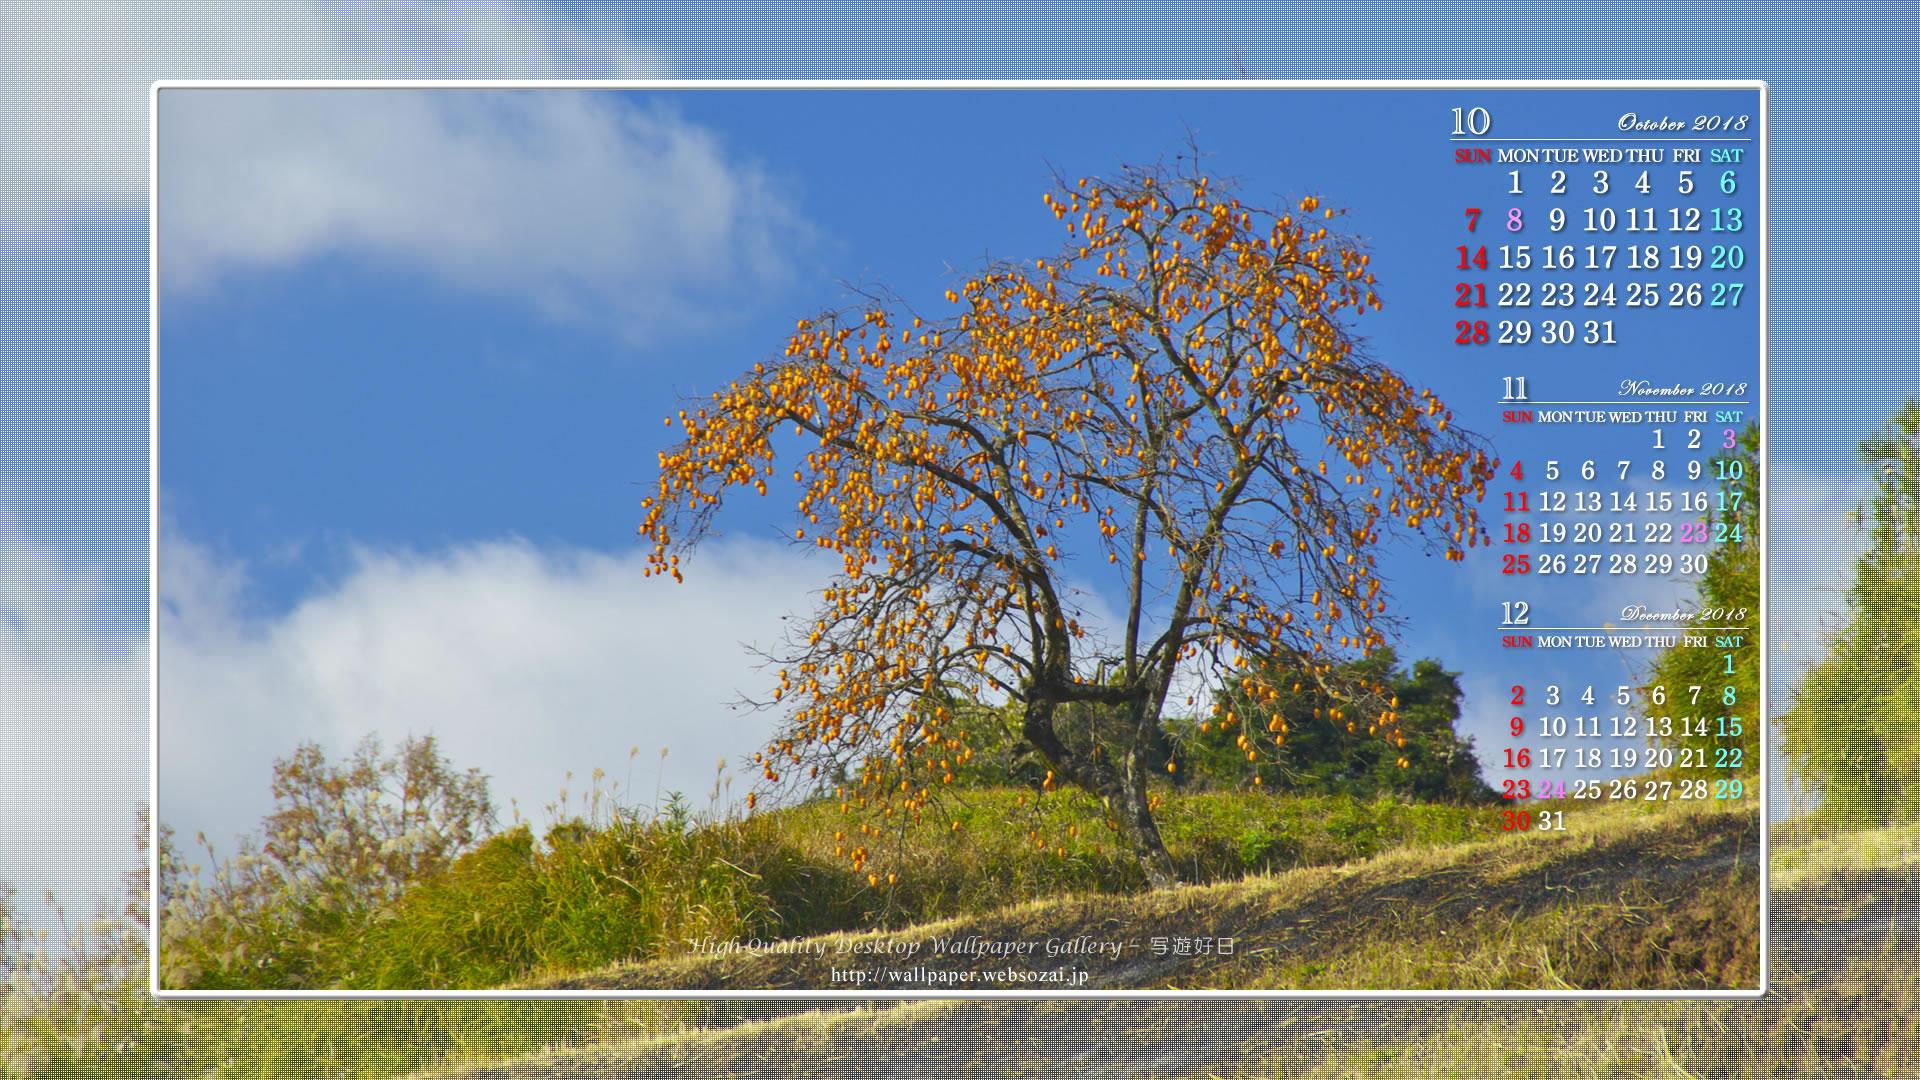 10月カレンダー壁紙 秋の実り 身近な自然 ネイチャーフォト壁紙館